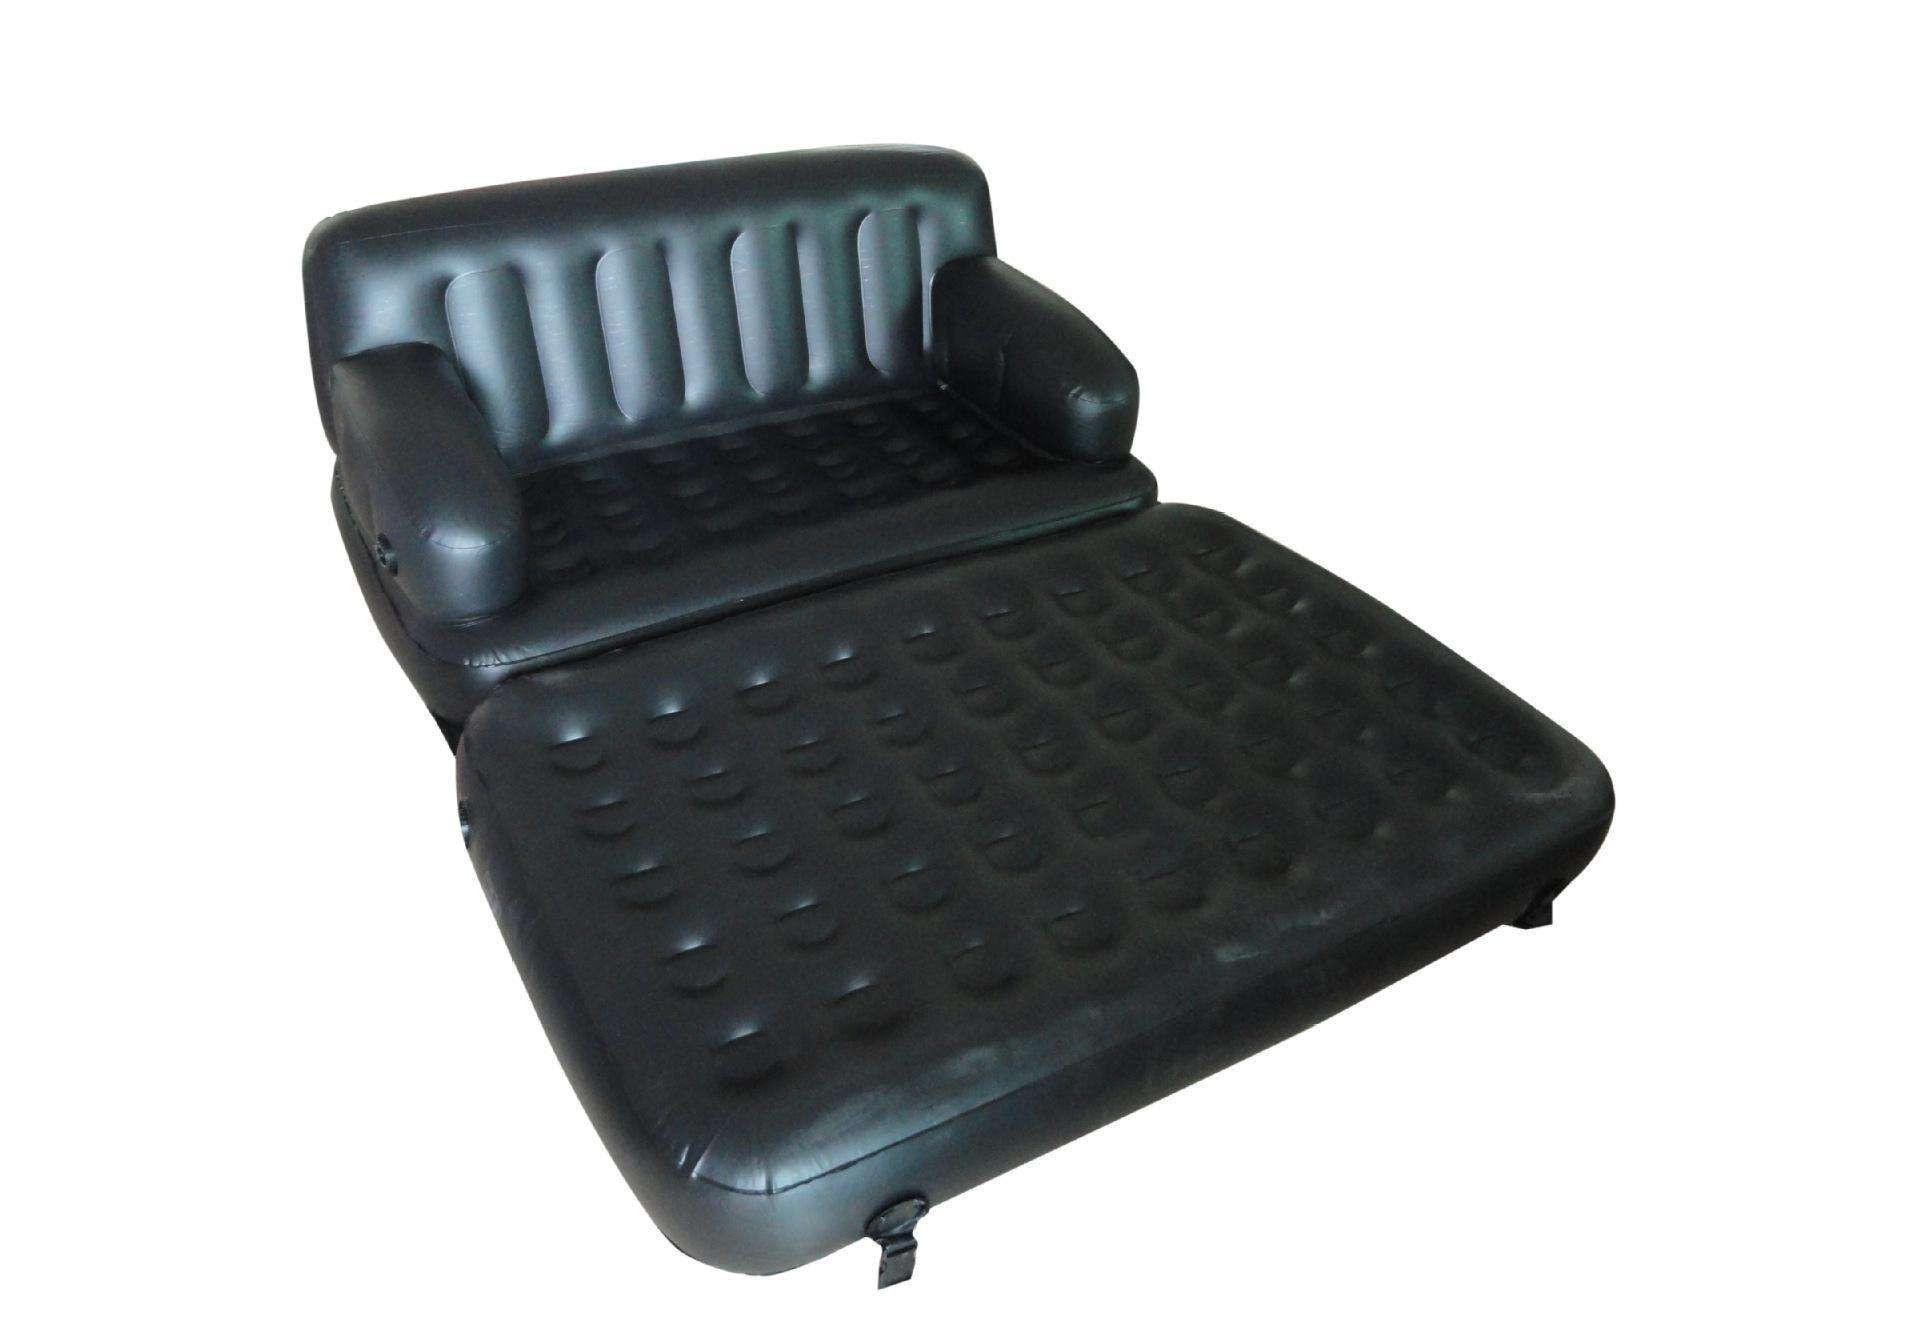 充气沙发床的特性及优缺点是什么?